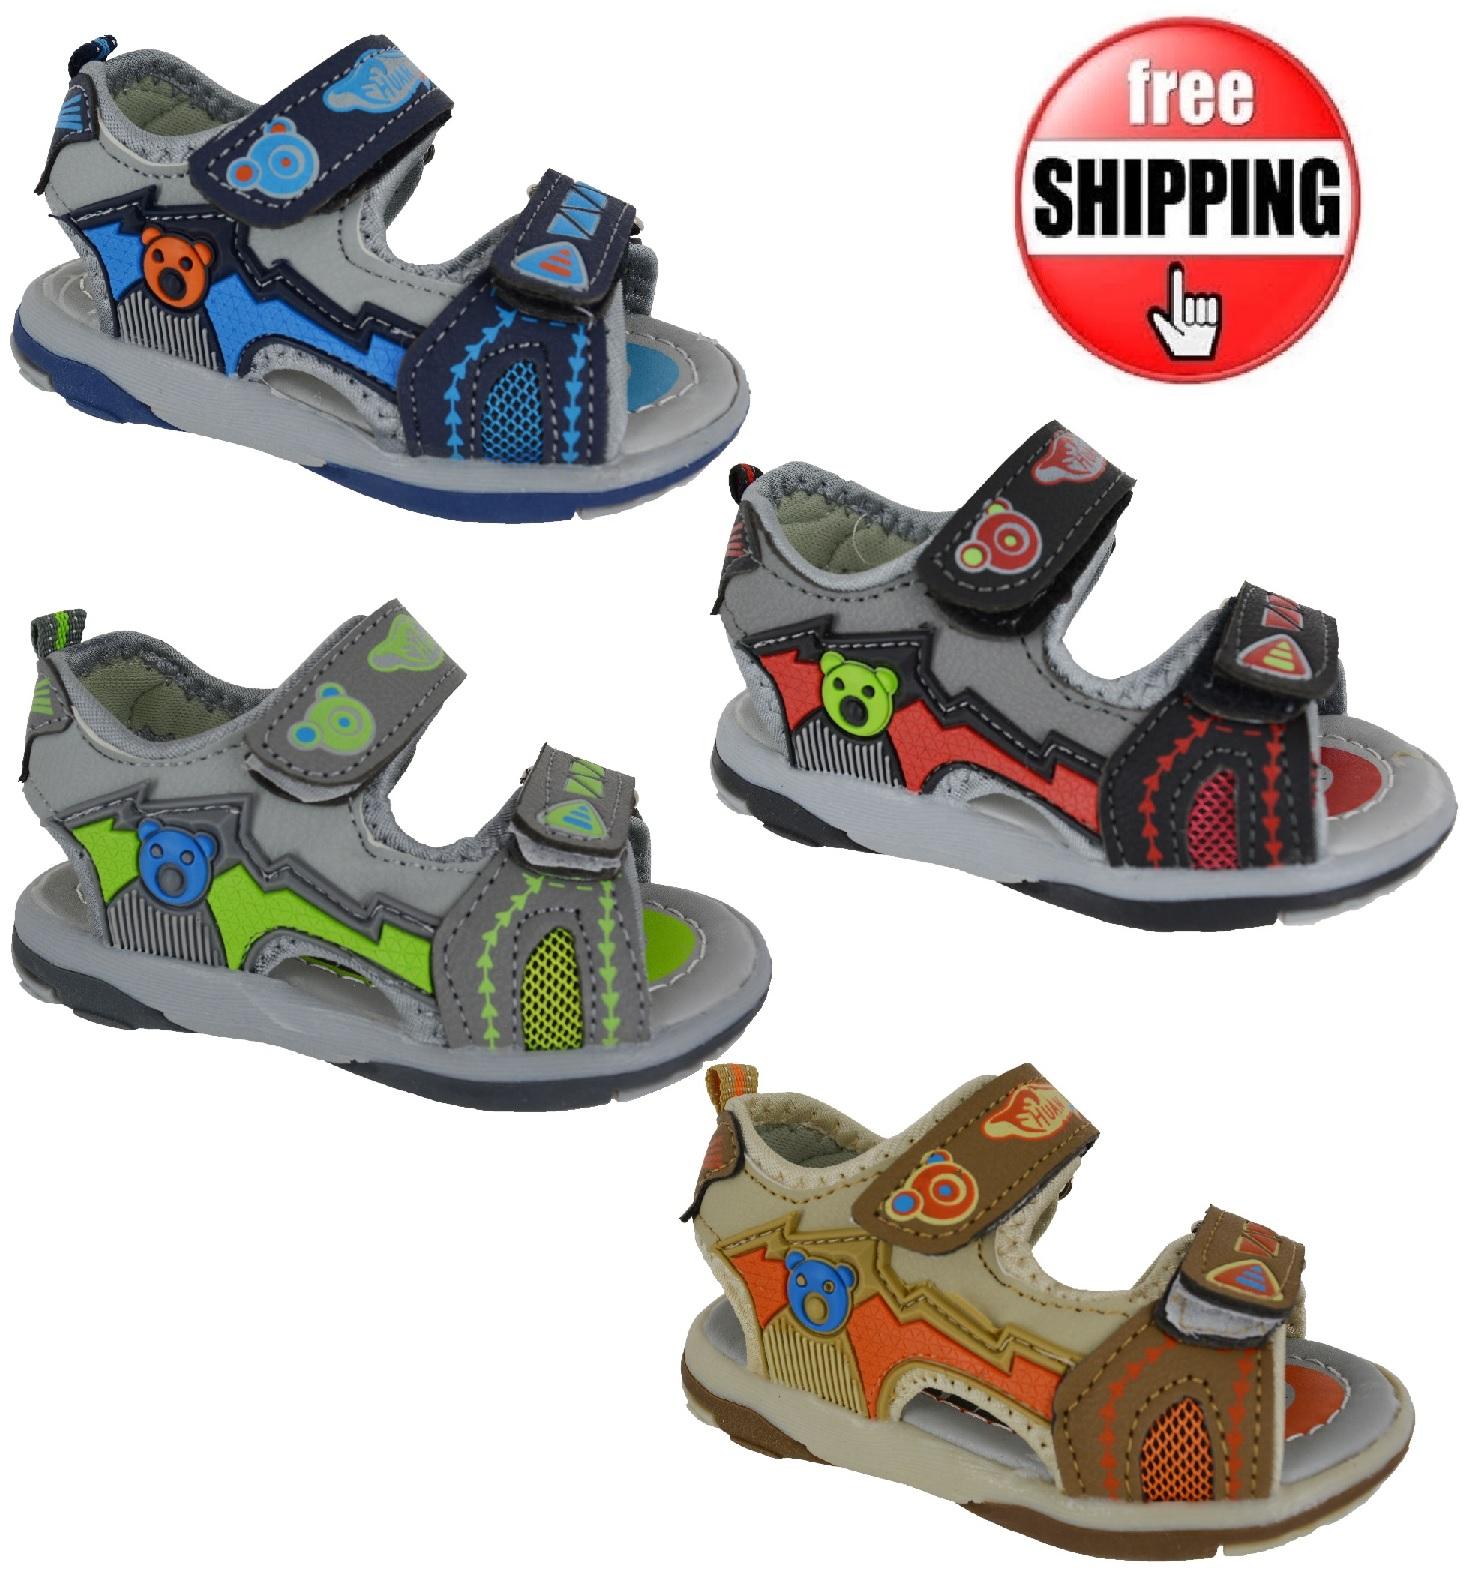 jungen kinder kleinkinder sommer strand wander sandalen sport kinder ebay. Black Bedroom Furniture Sets. Home Design Ideas